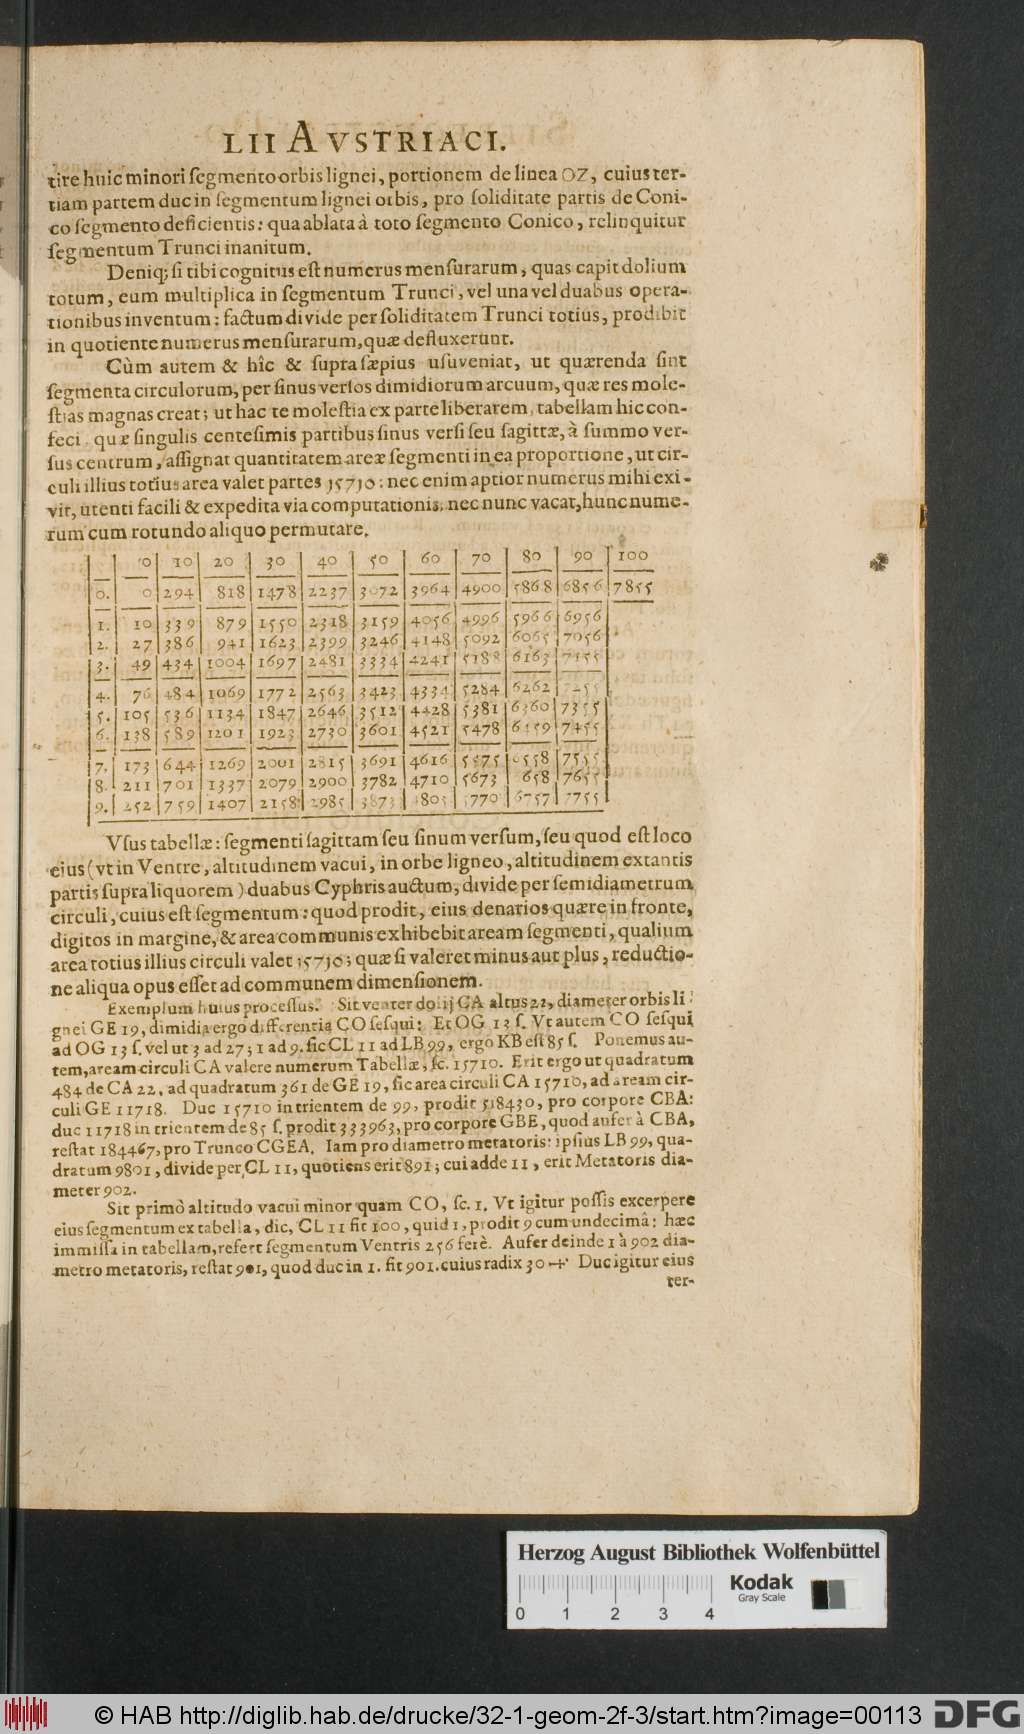 http://diglib.hab.de/drucke/32-1-geom-2f-3/00113.jpg